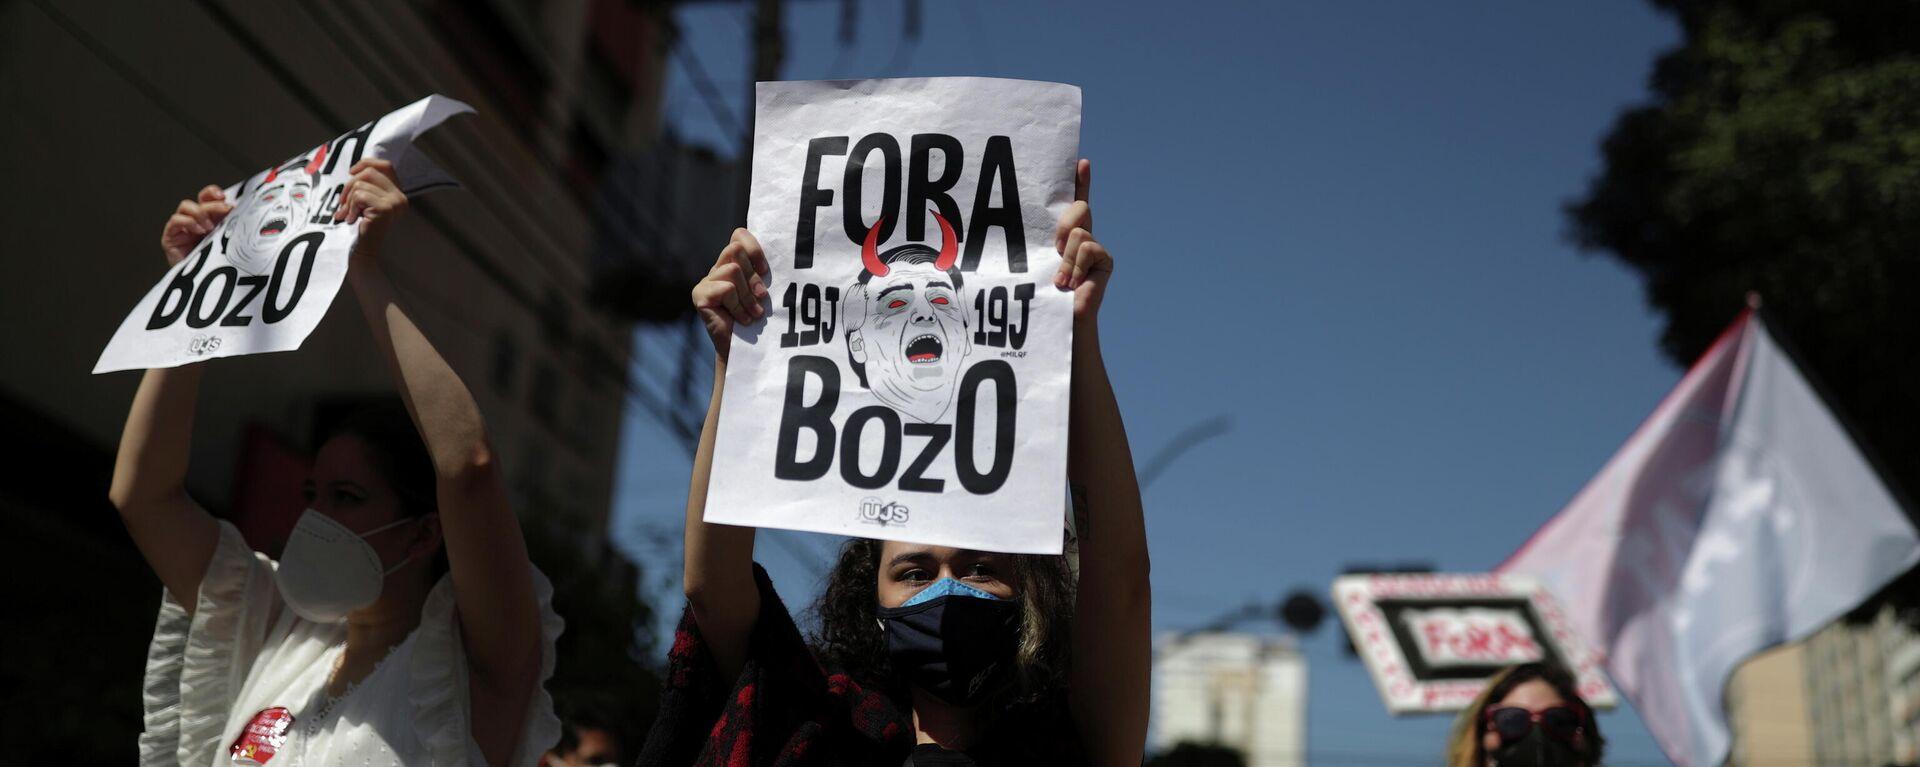 Protestas contra el presidente brasileño Jair Bolsonaro en Goiania, Brasil - Sputnik Mundo, 1920, 19.06.2021